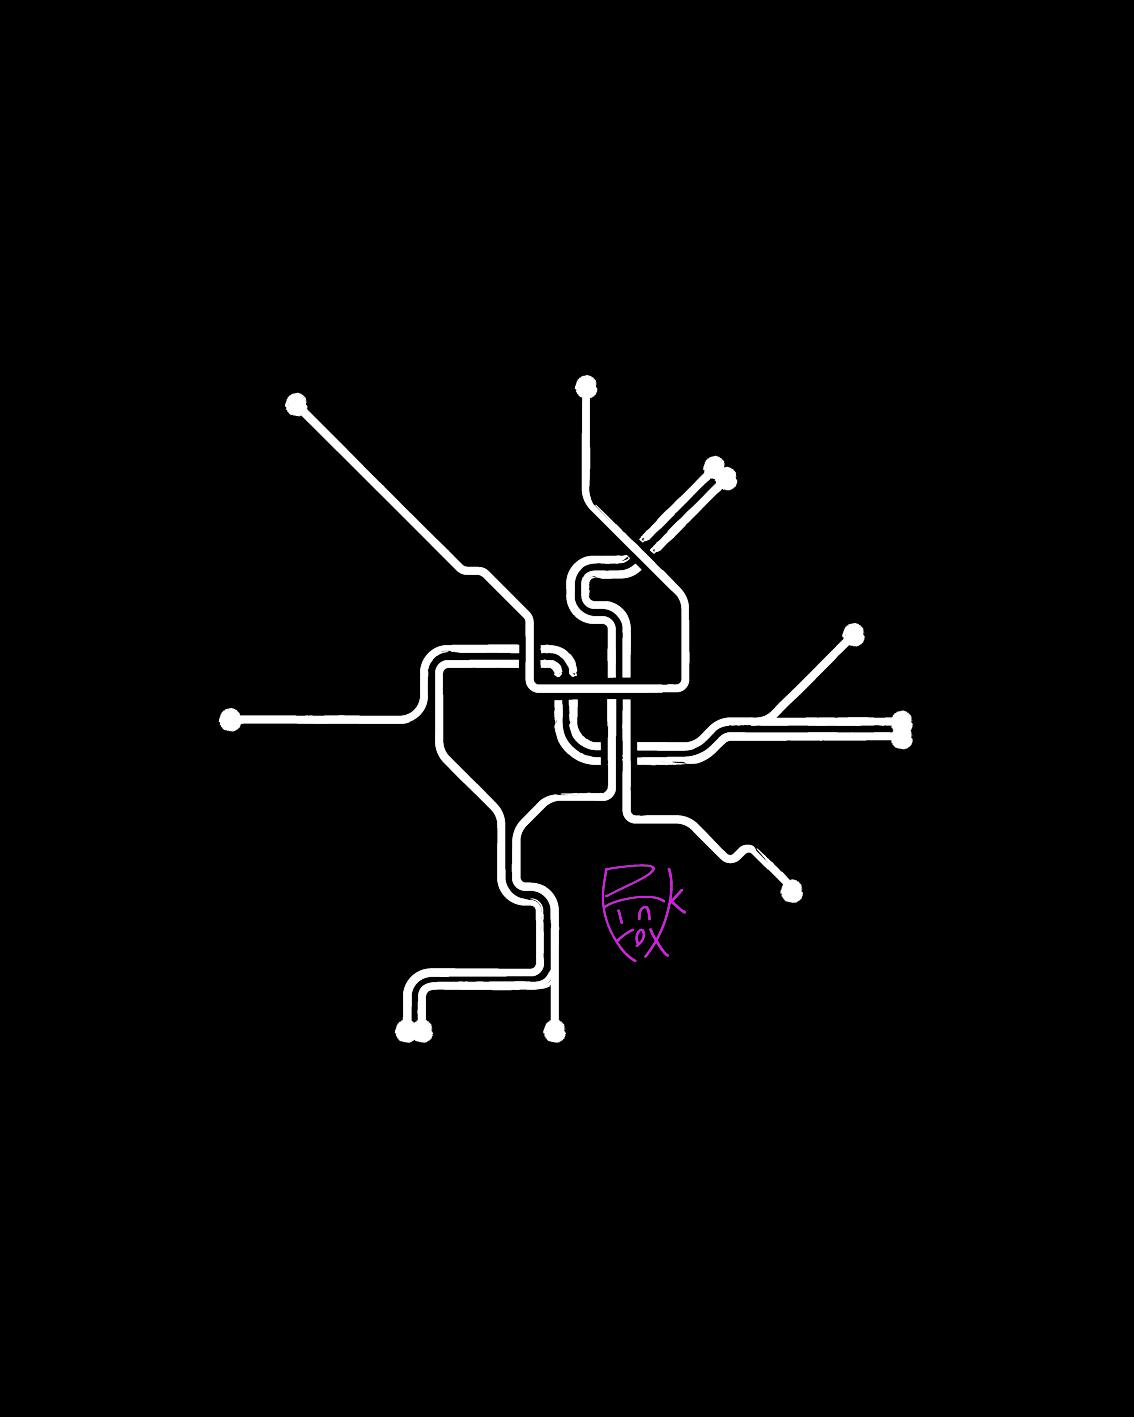 Apple Watch 38mm - Metro Black.jpg